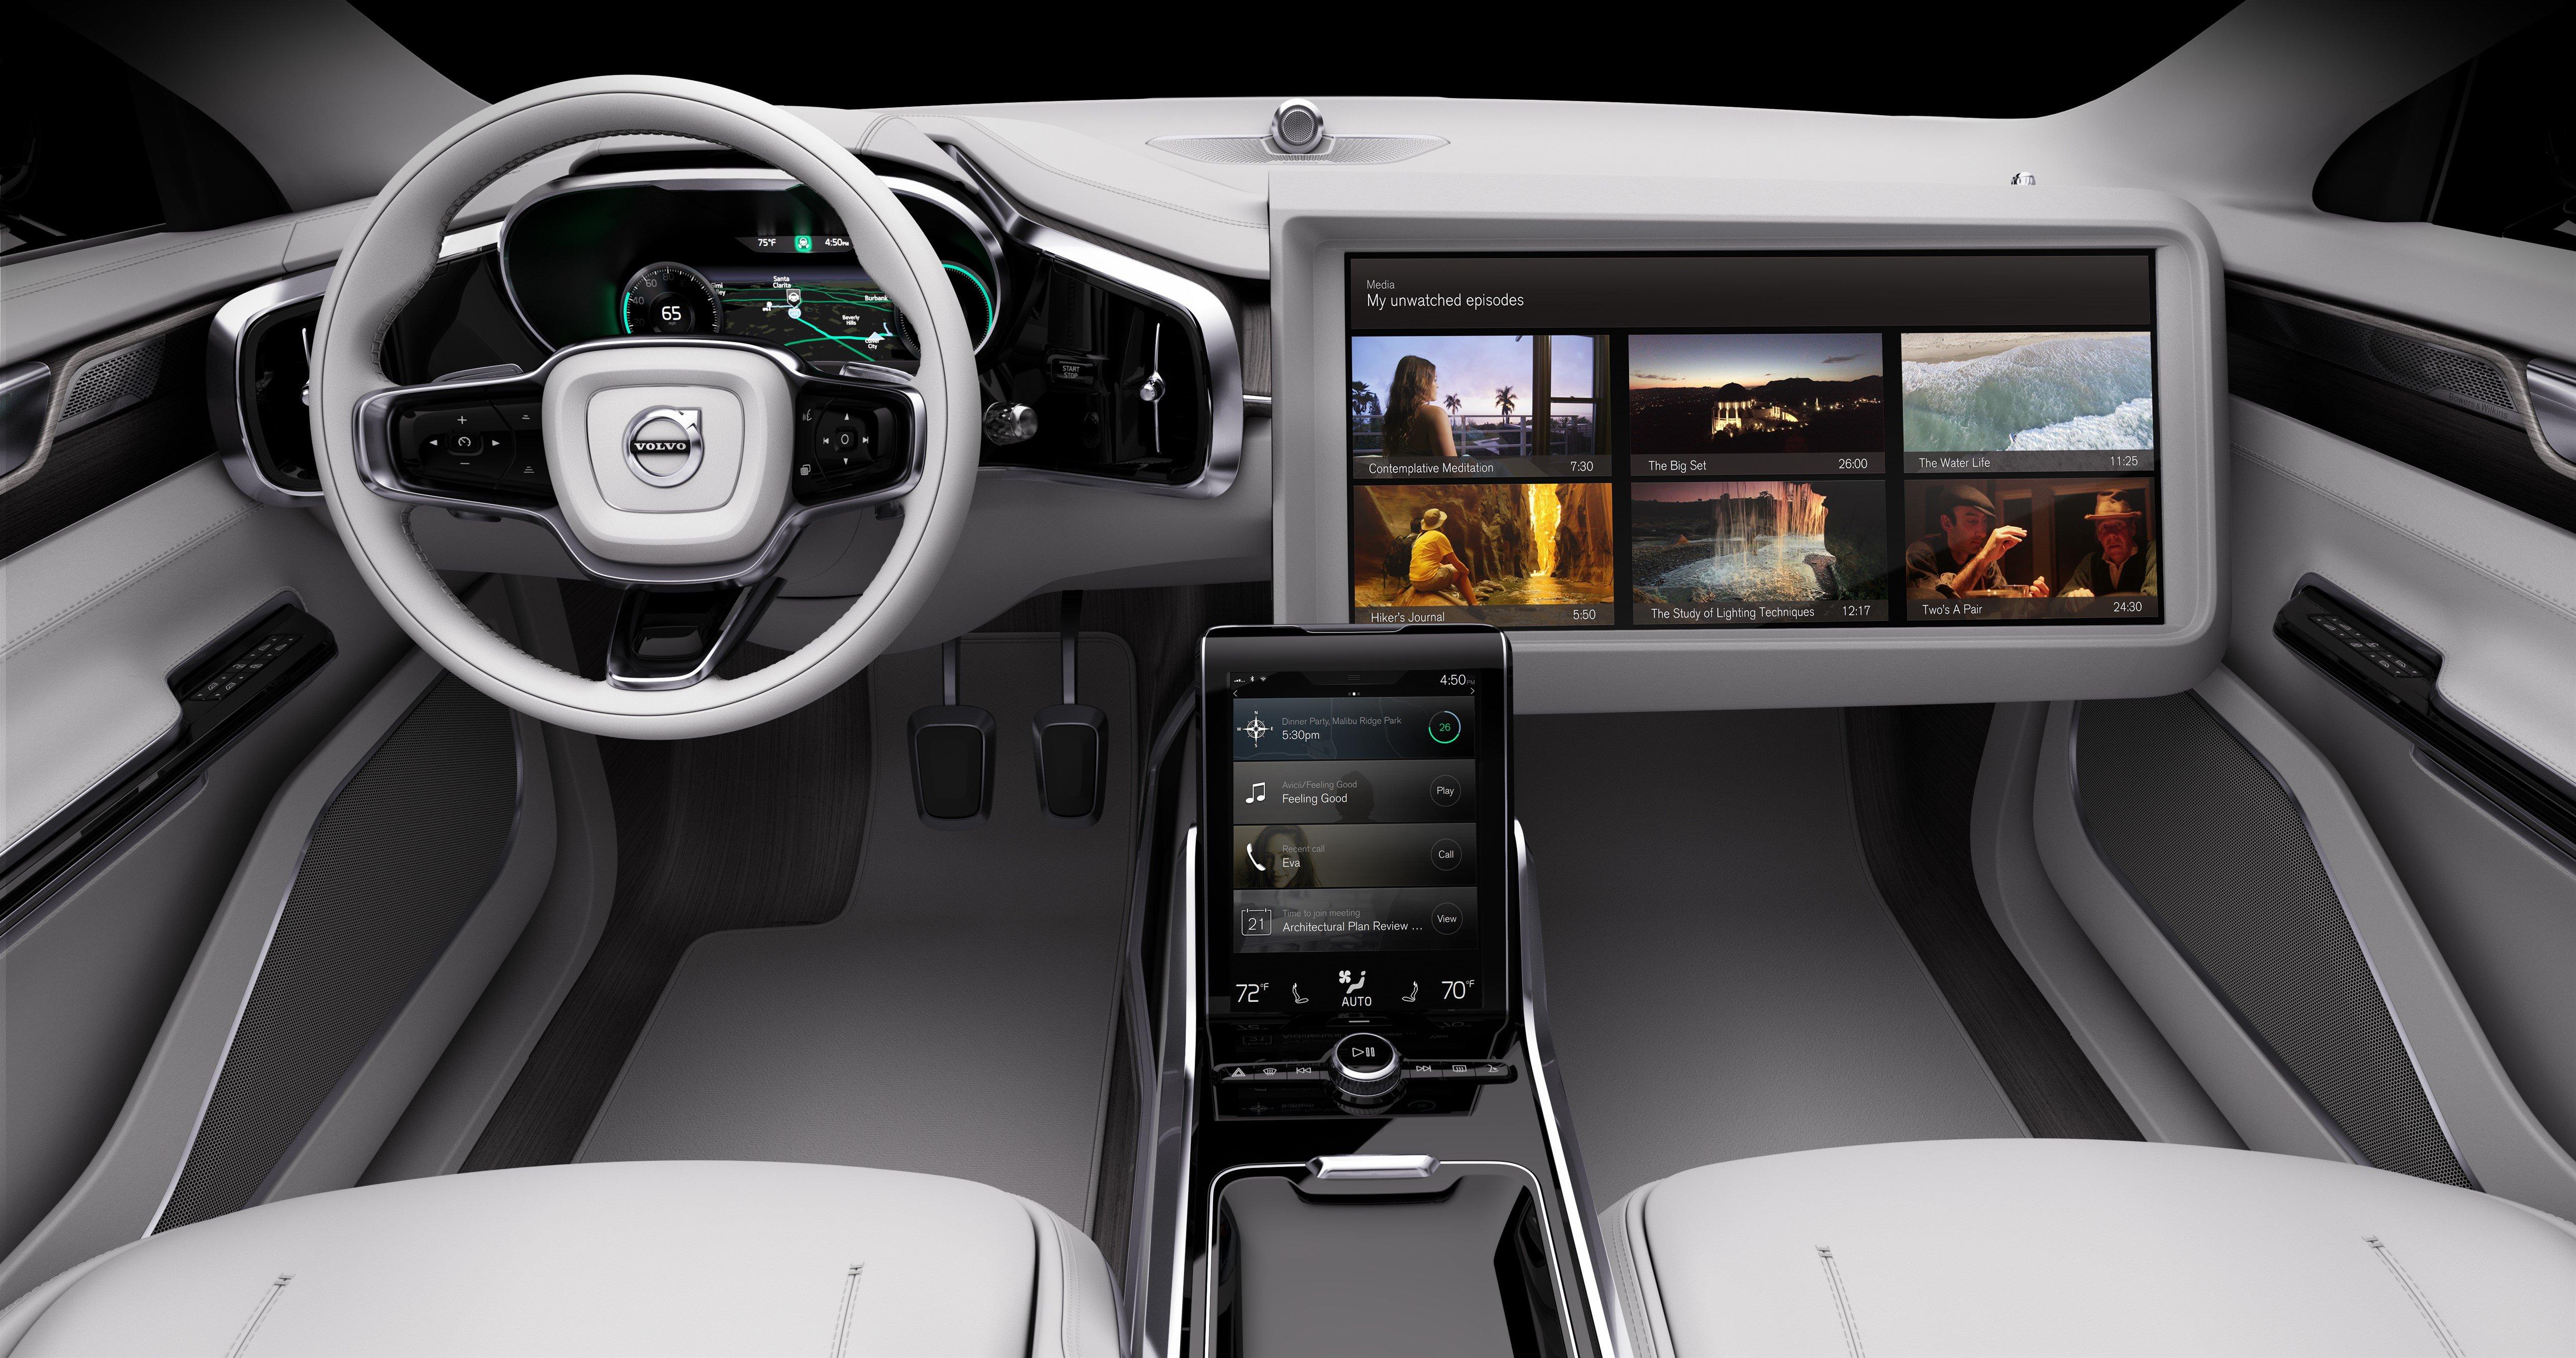 Le auto intelligenti saranno dotate anche di comodi schermi